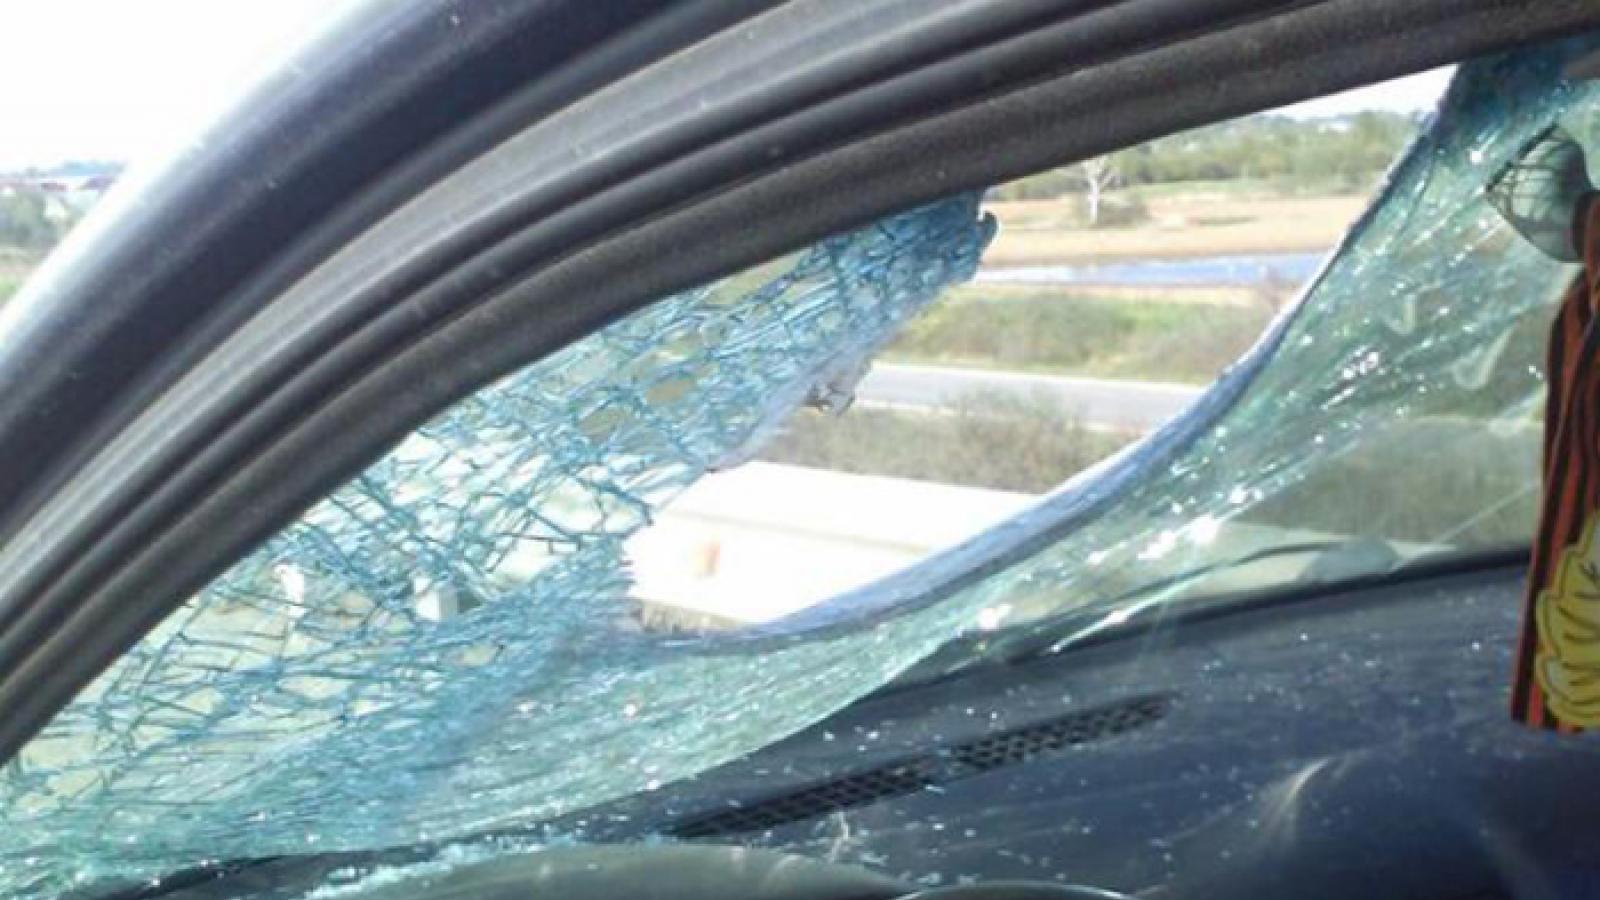 Арматура пробила стекло машины на вологодской трассе